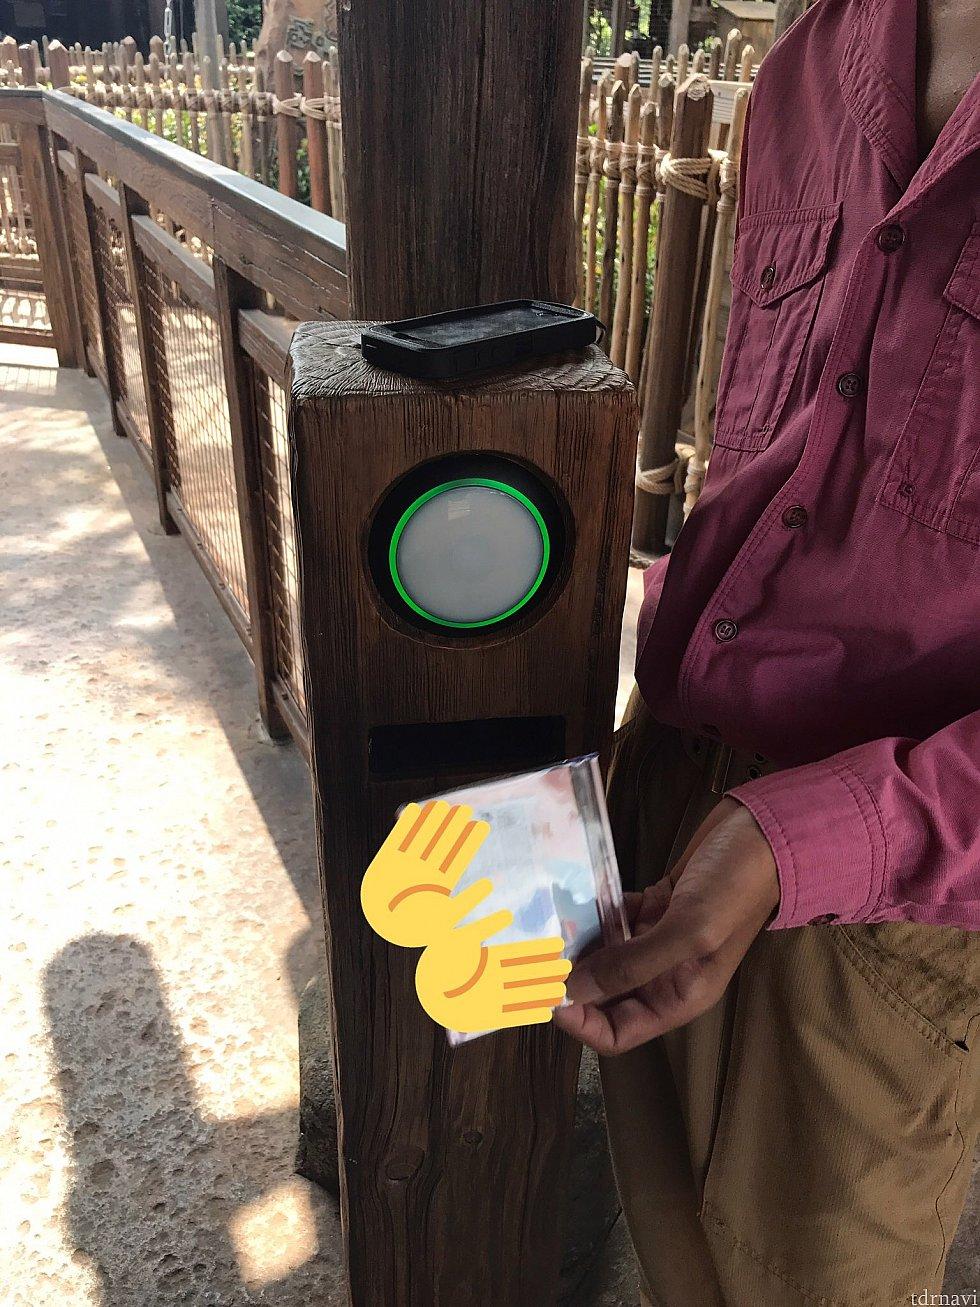 無事スキャン出来ると緑に光り、上に置かれた黒い端末の画面に顔写真が表示されます